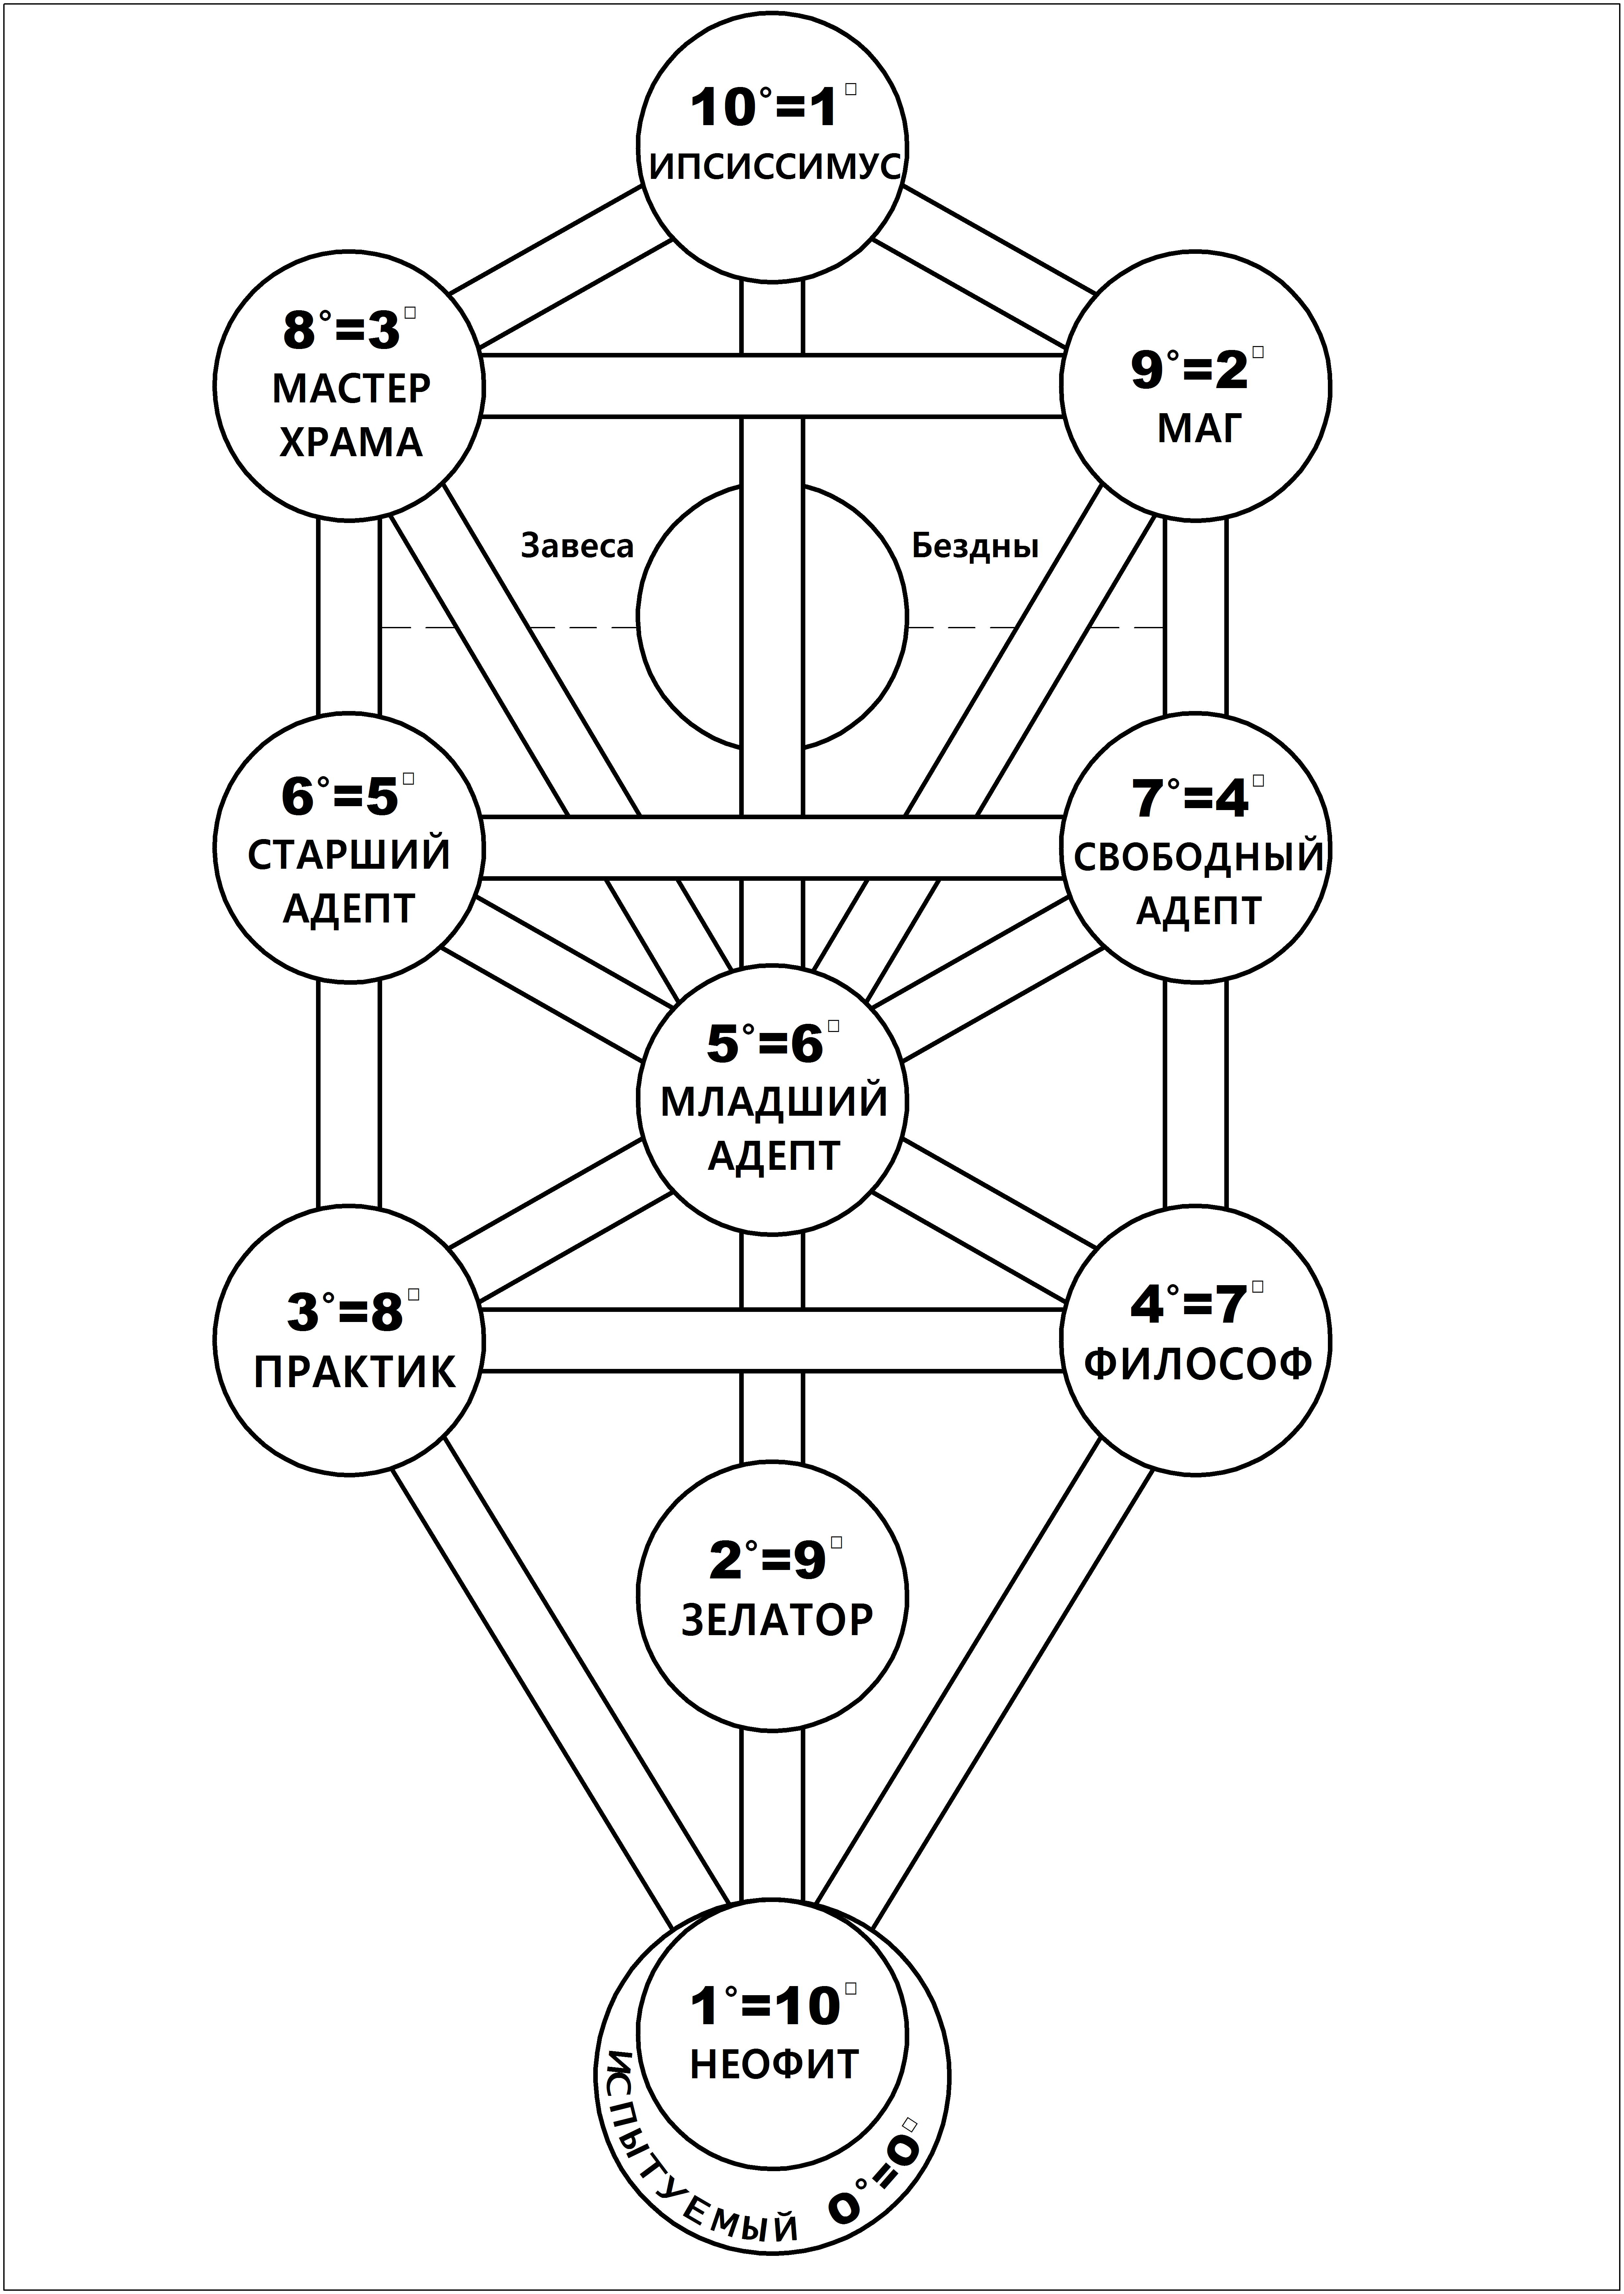 Каббалистическое Древо Жизни, демонстрирующее систему степеней, принятую Кроули в А.'. А.'.